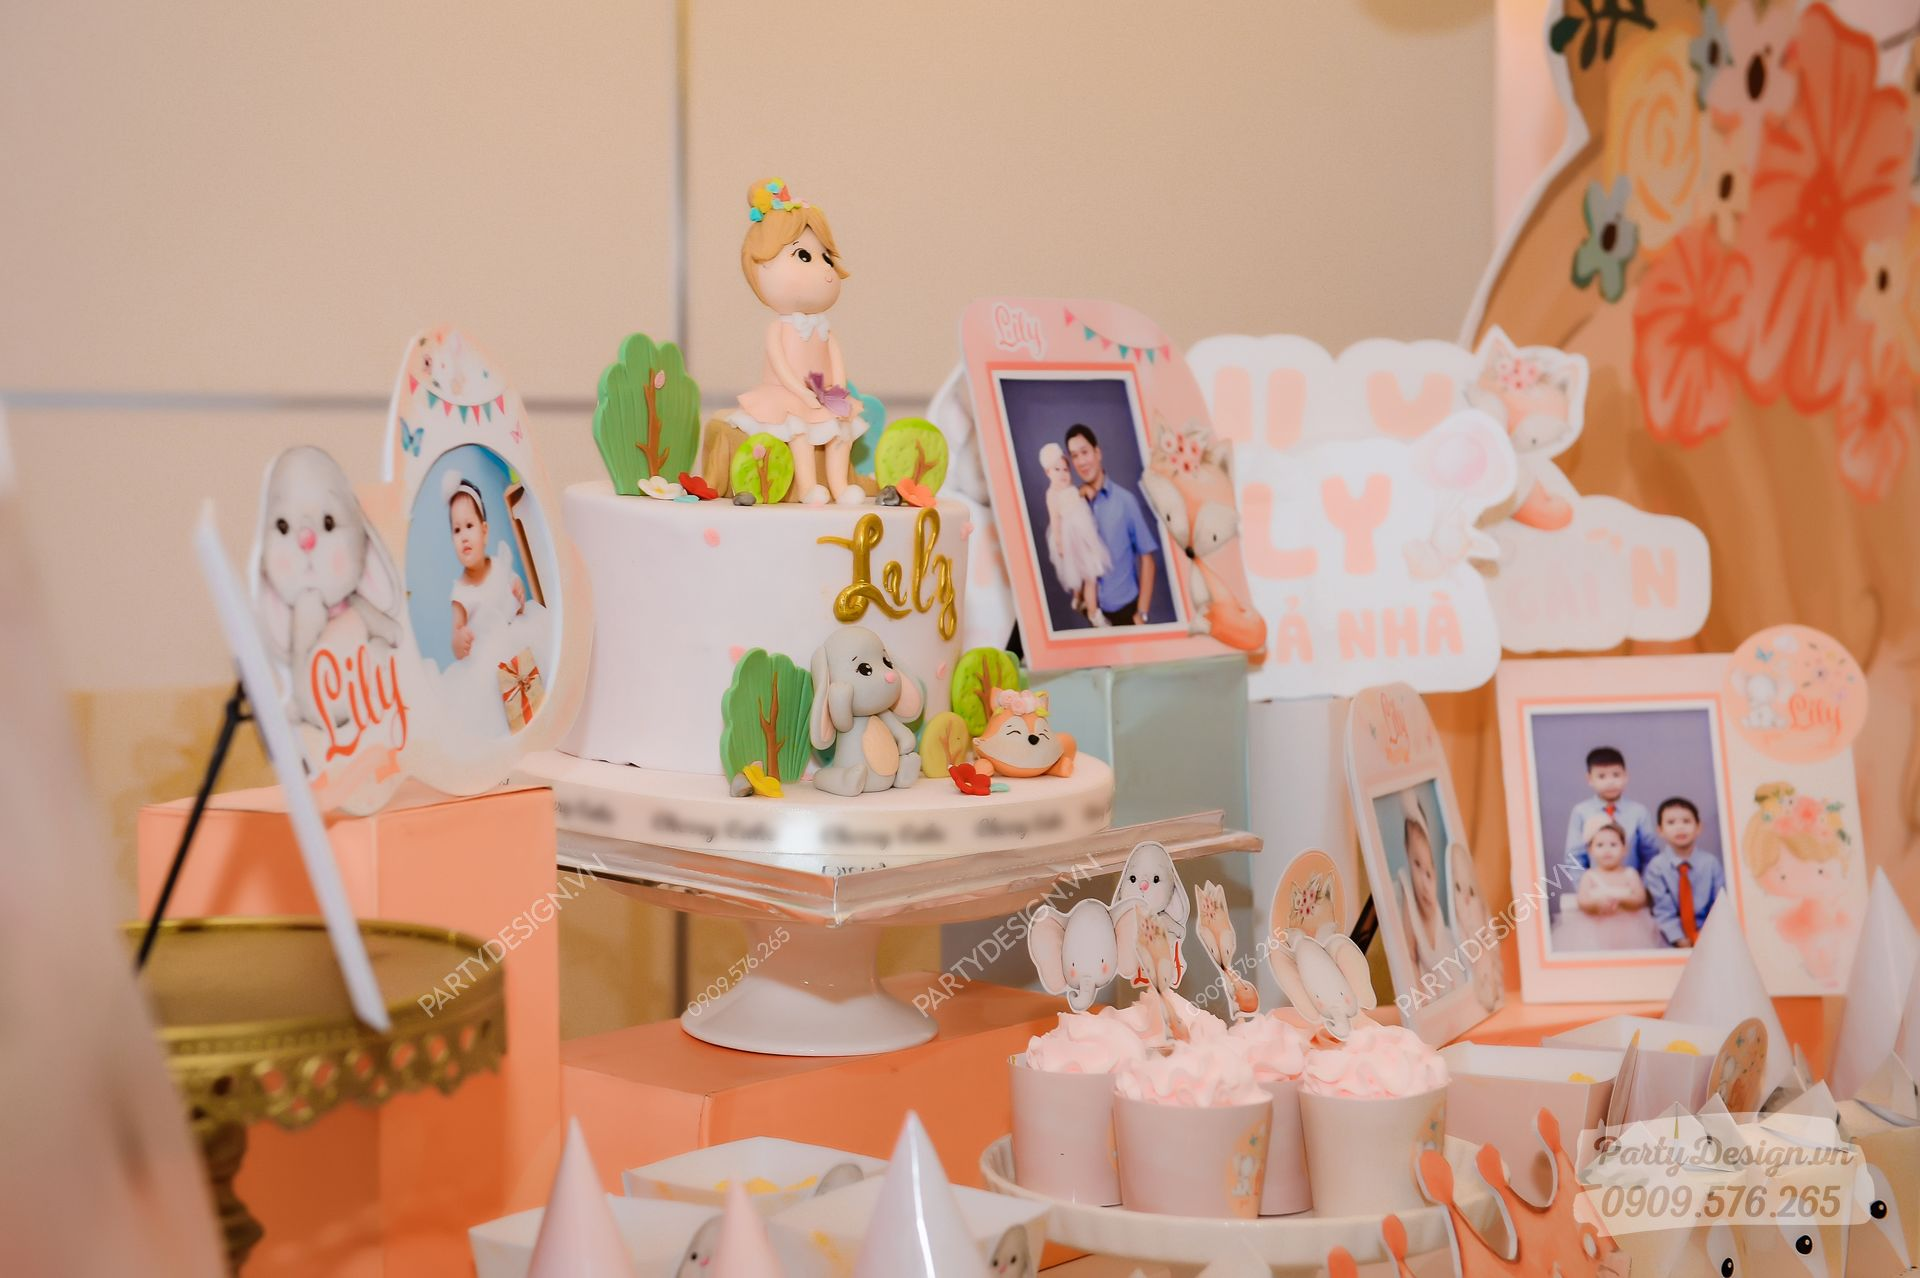 Bàn gallery trang trí sinh nhật chủ đề Công Chúa - bé Lily